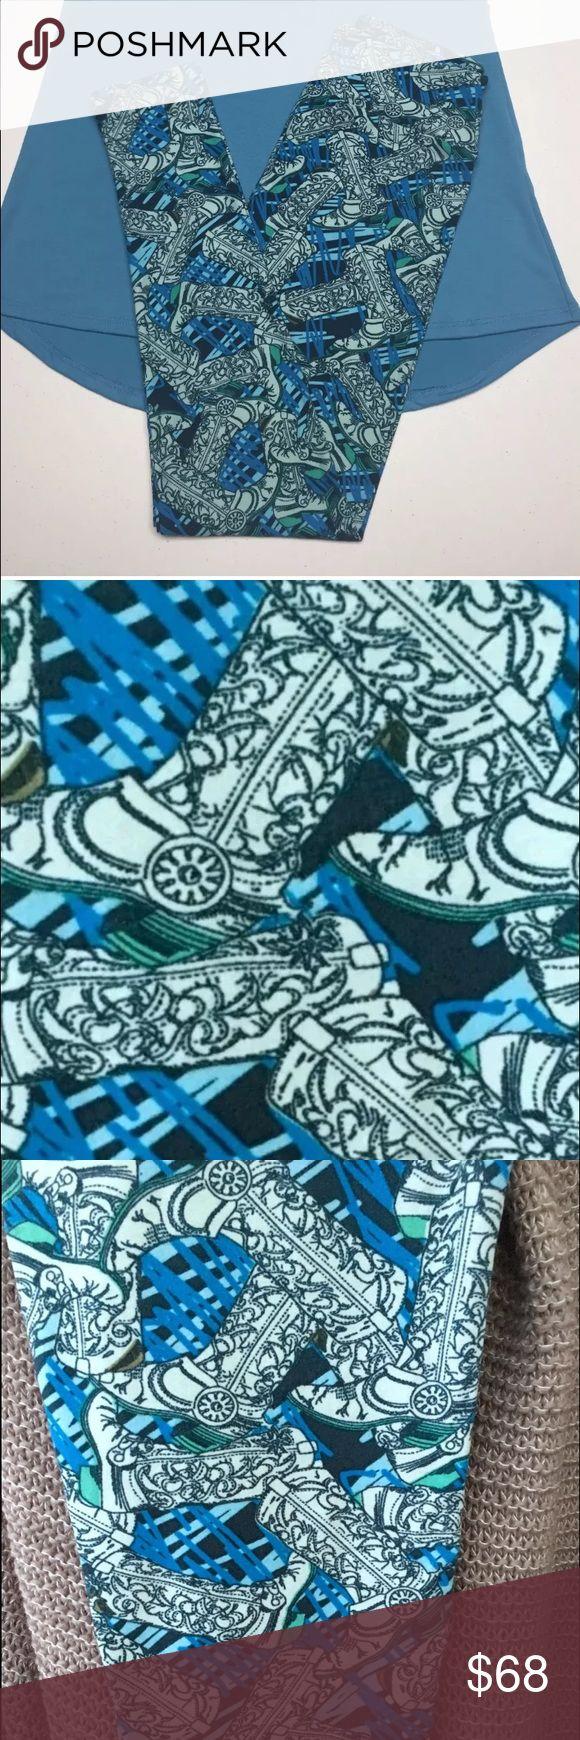 OS LulaRoe turquoise cowboy boots Unicorn Leggings Brand new OS LulaRoe Cowboy Boots leggings. From a non smoking home. LuLaRoe Pants Leggings